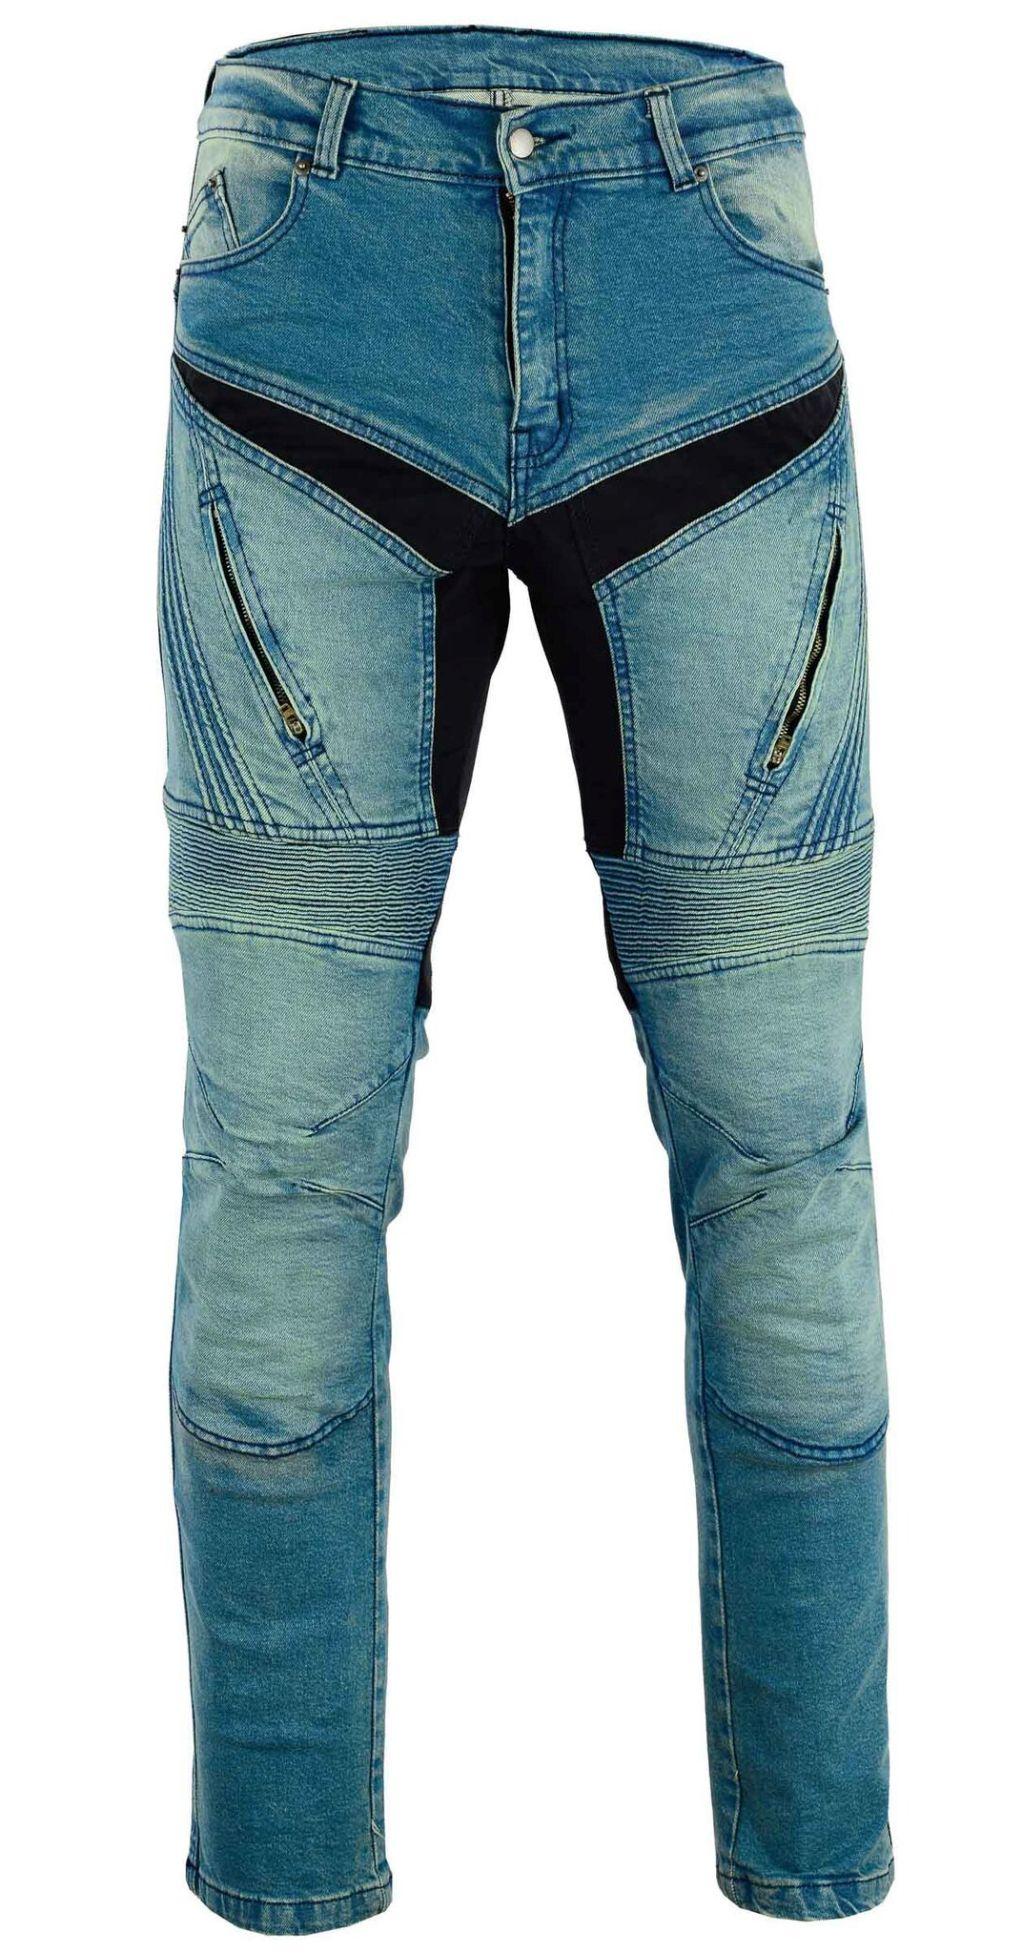 Herren Motorrad Jeans Motorradhose Denim mit Protektoren 32 - 42  inch